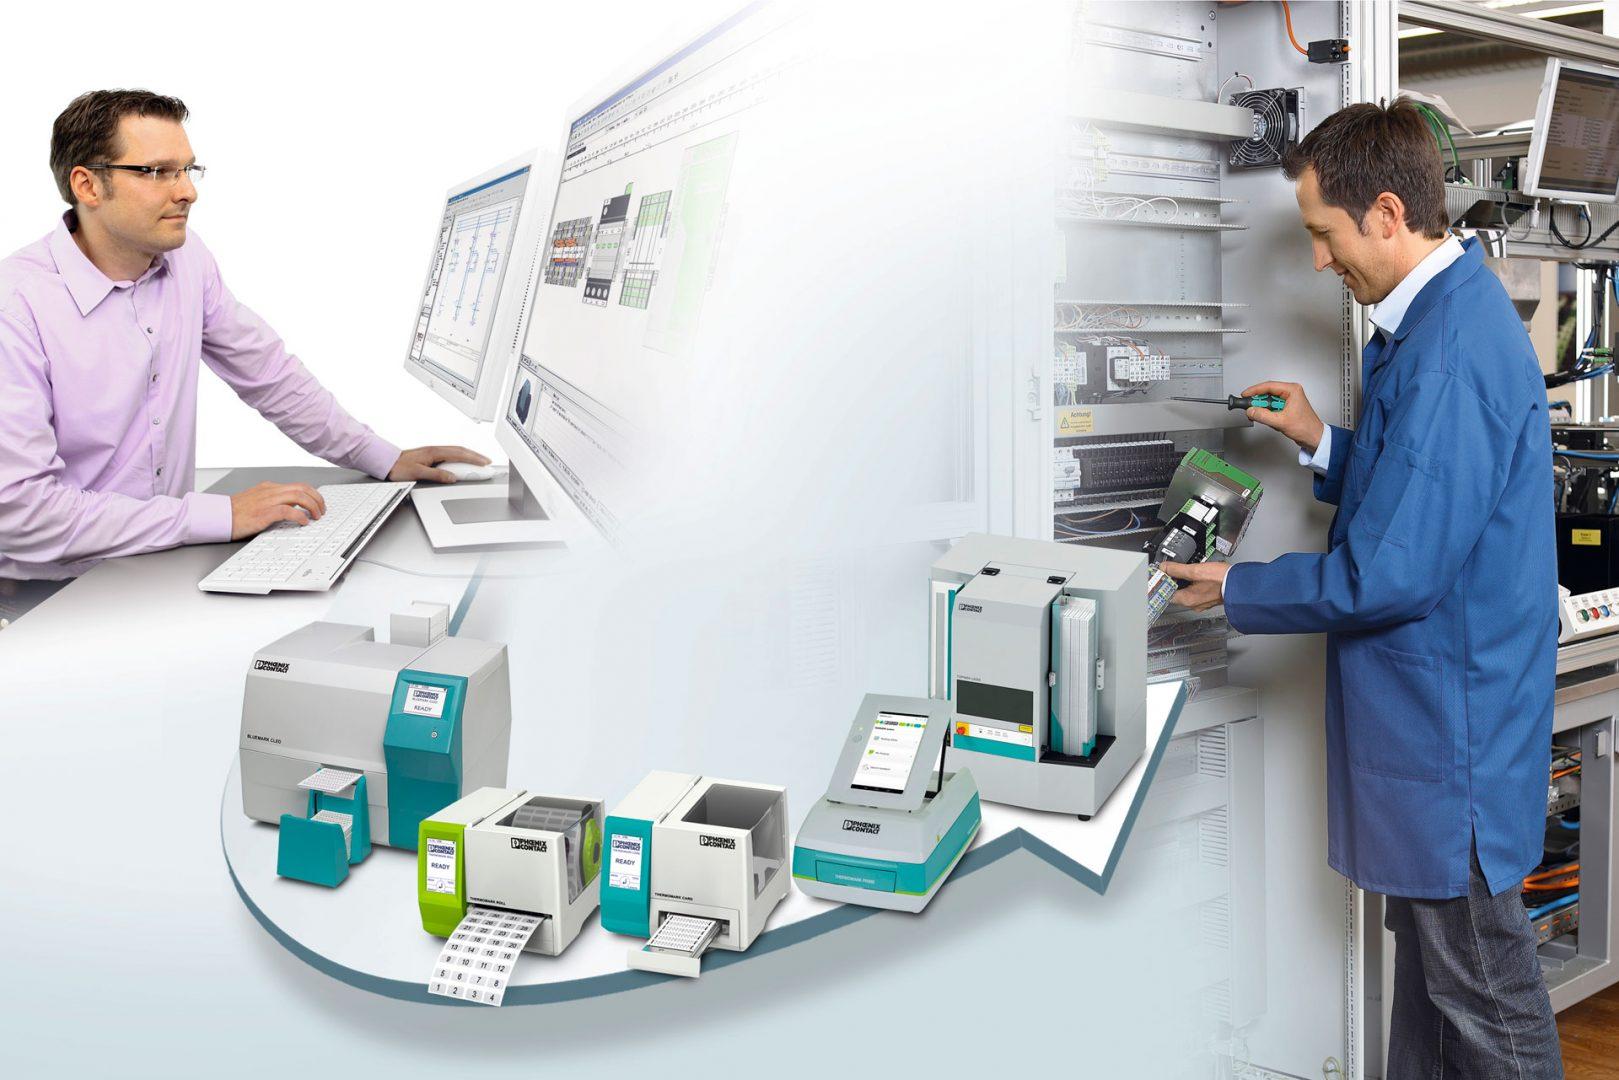 Od planowania do montażu, zintegrowane rozwiązania dla planowania i etykietowania zmniejszają koszty techniczne i koszty związane z występowaniem błędów.